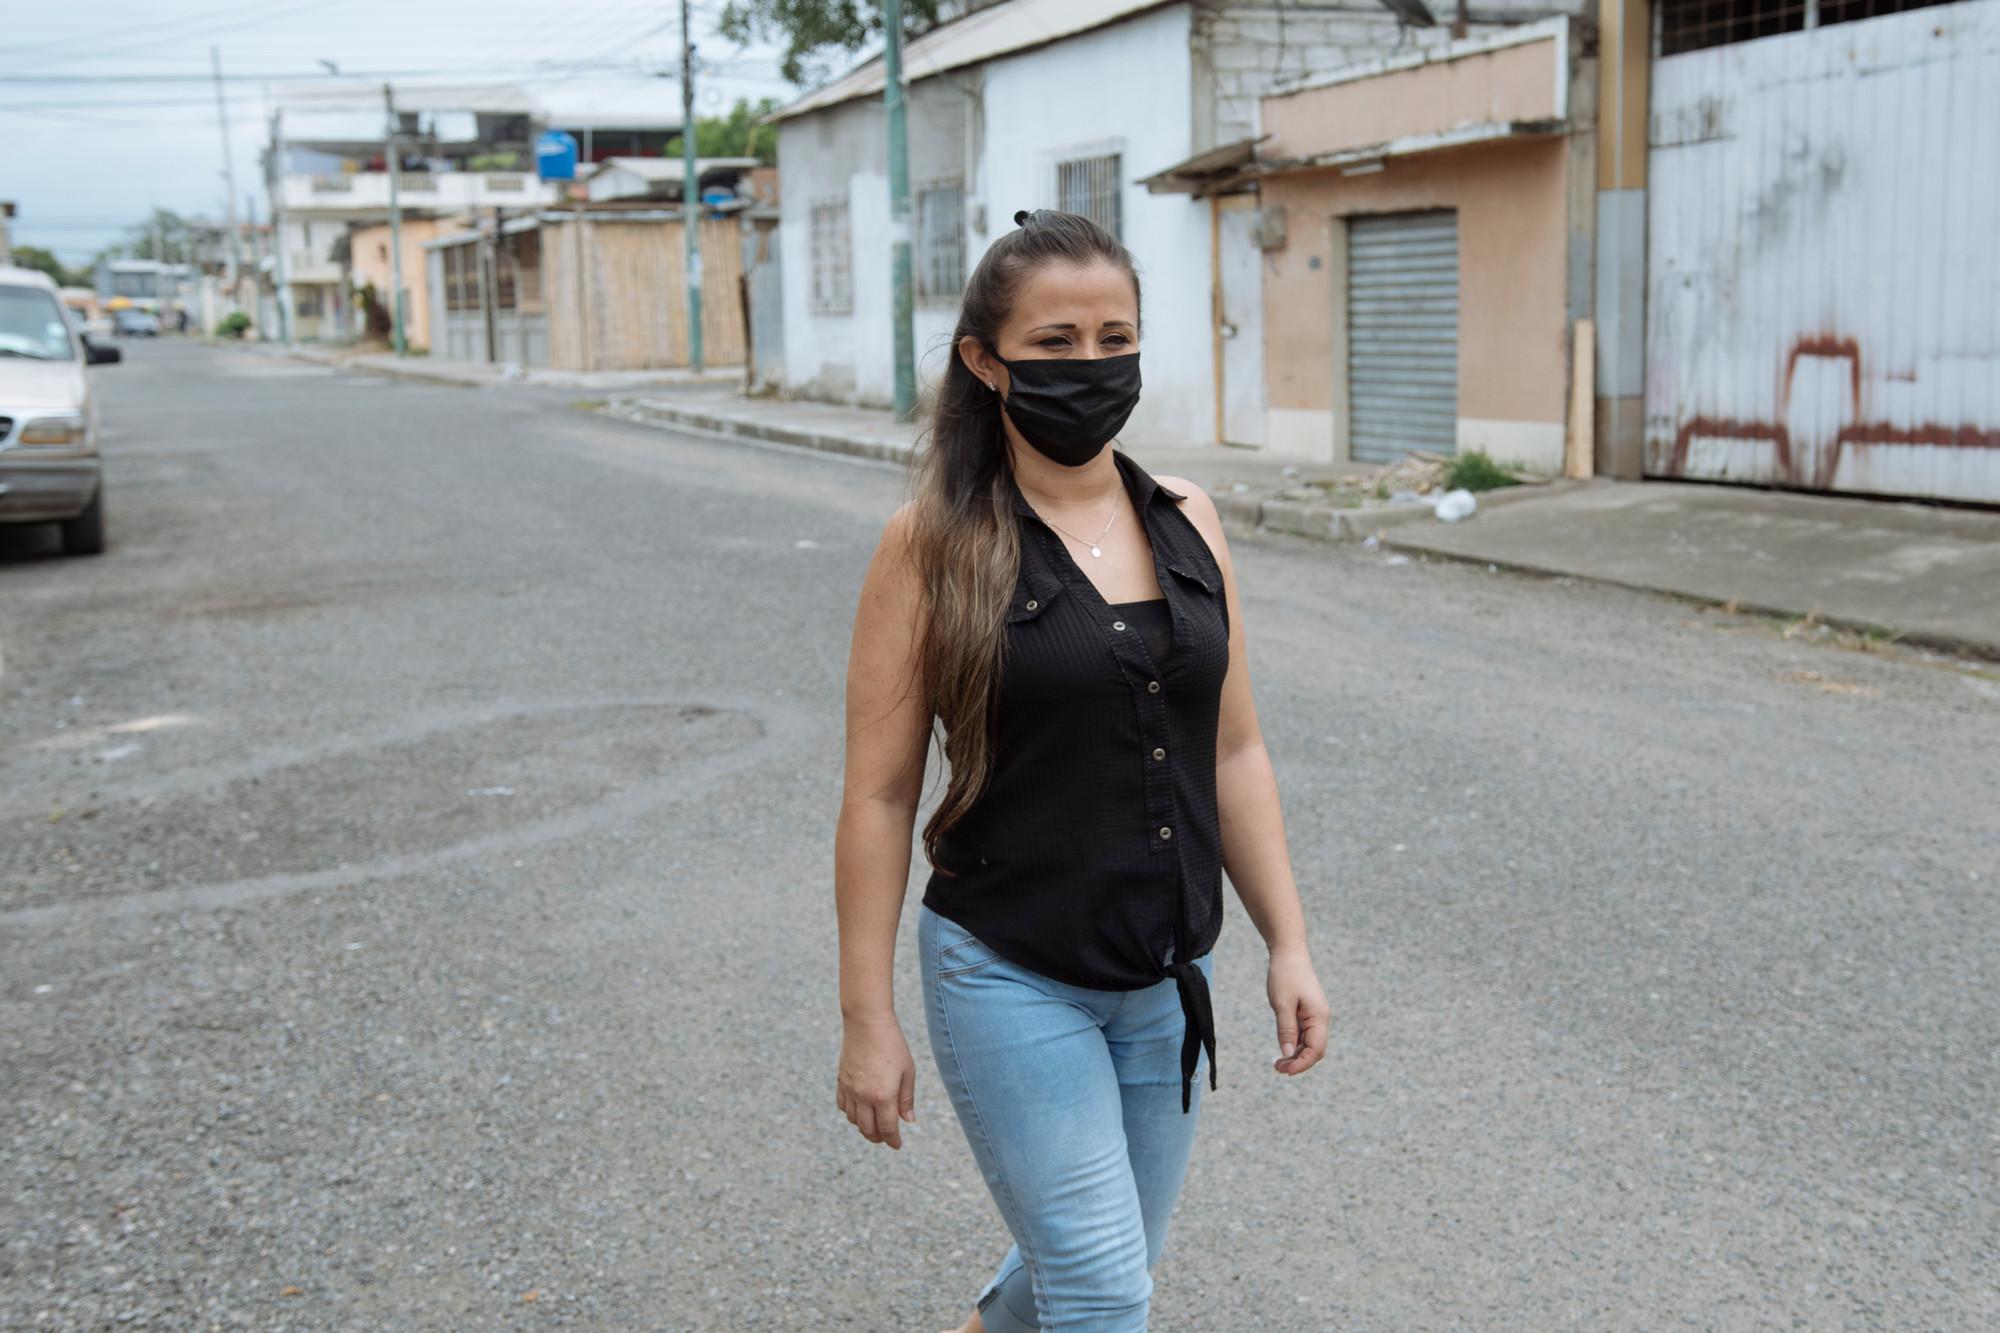 Uma mulher com uma máscara facial caminha em uma rua vazia da cidade.